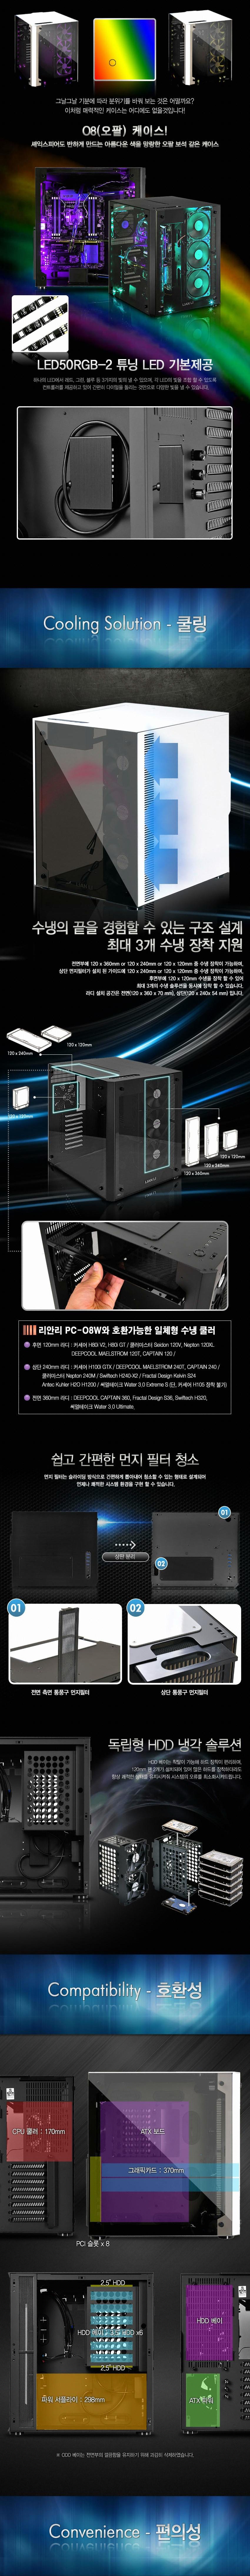 PC-O8WBW_INFO-02.jpg